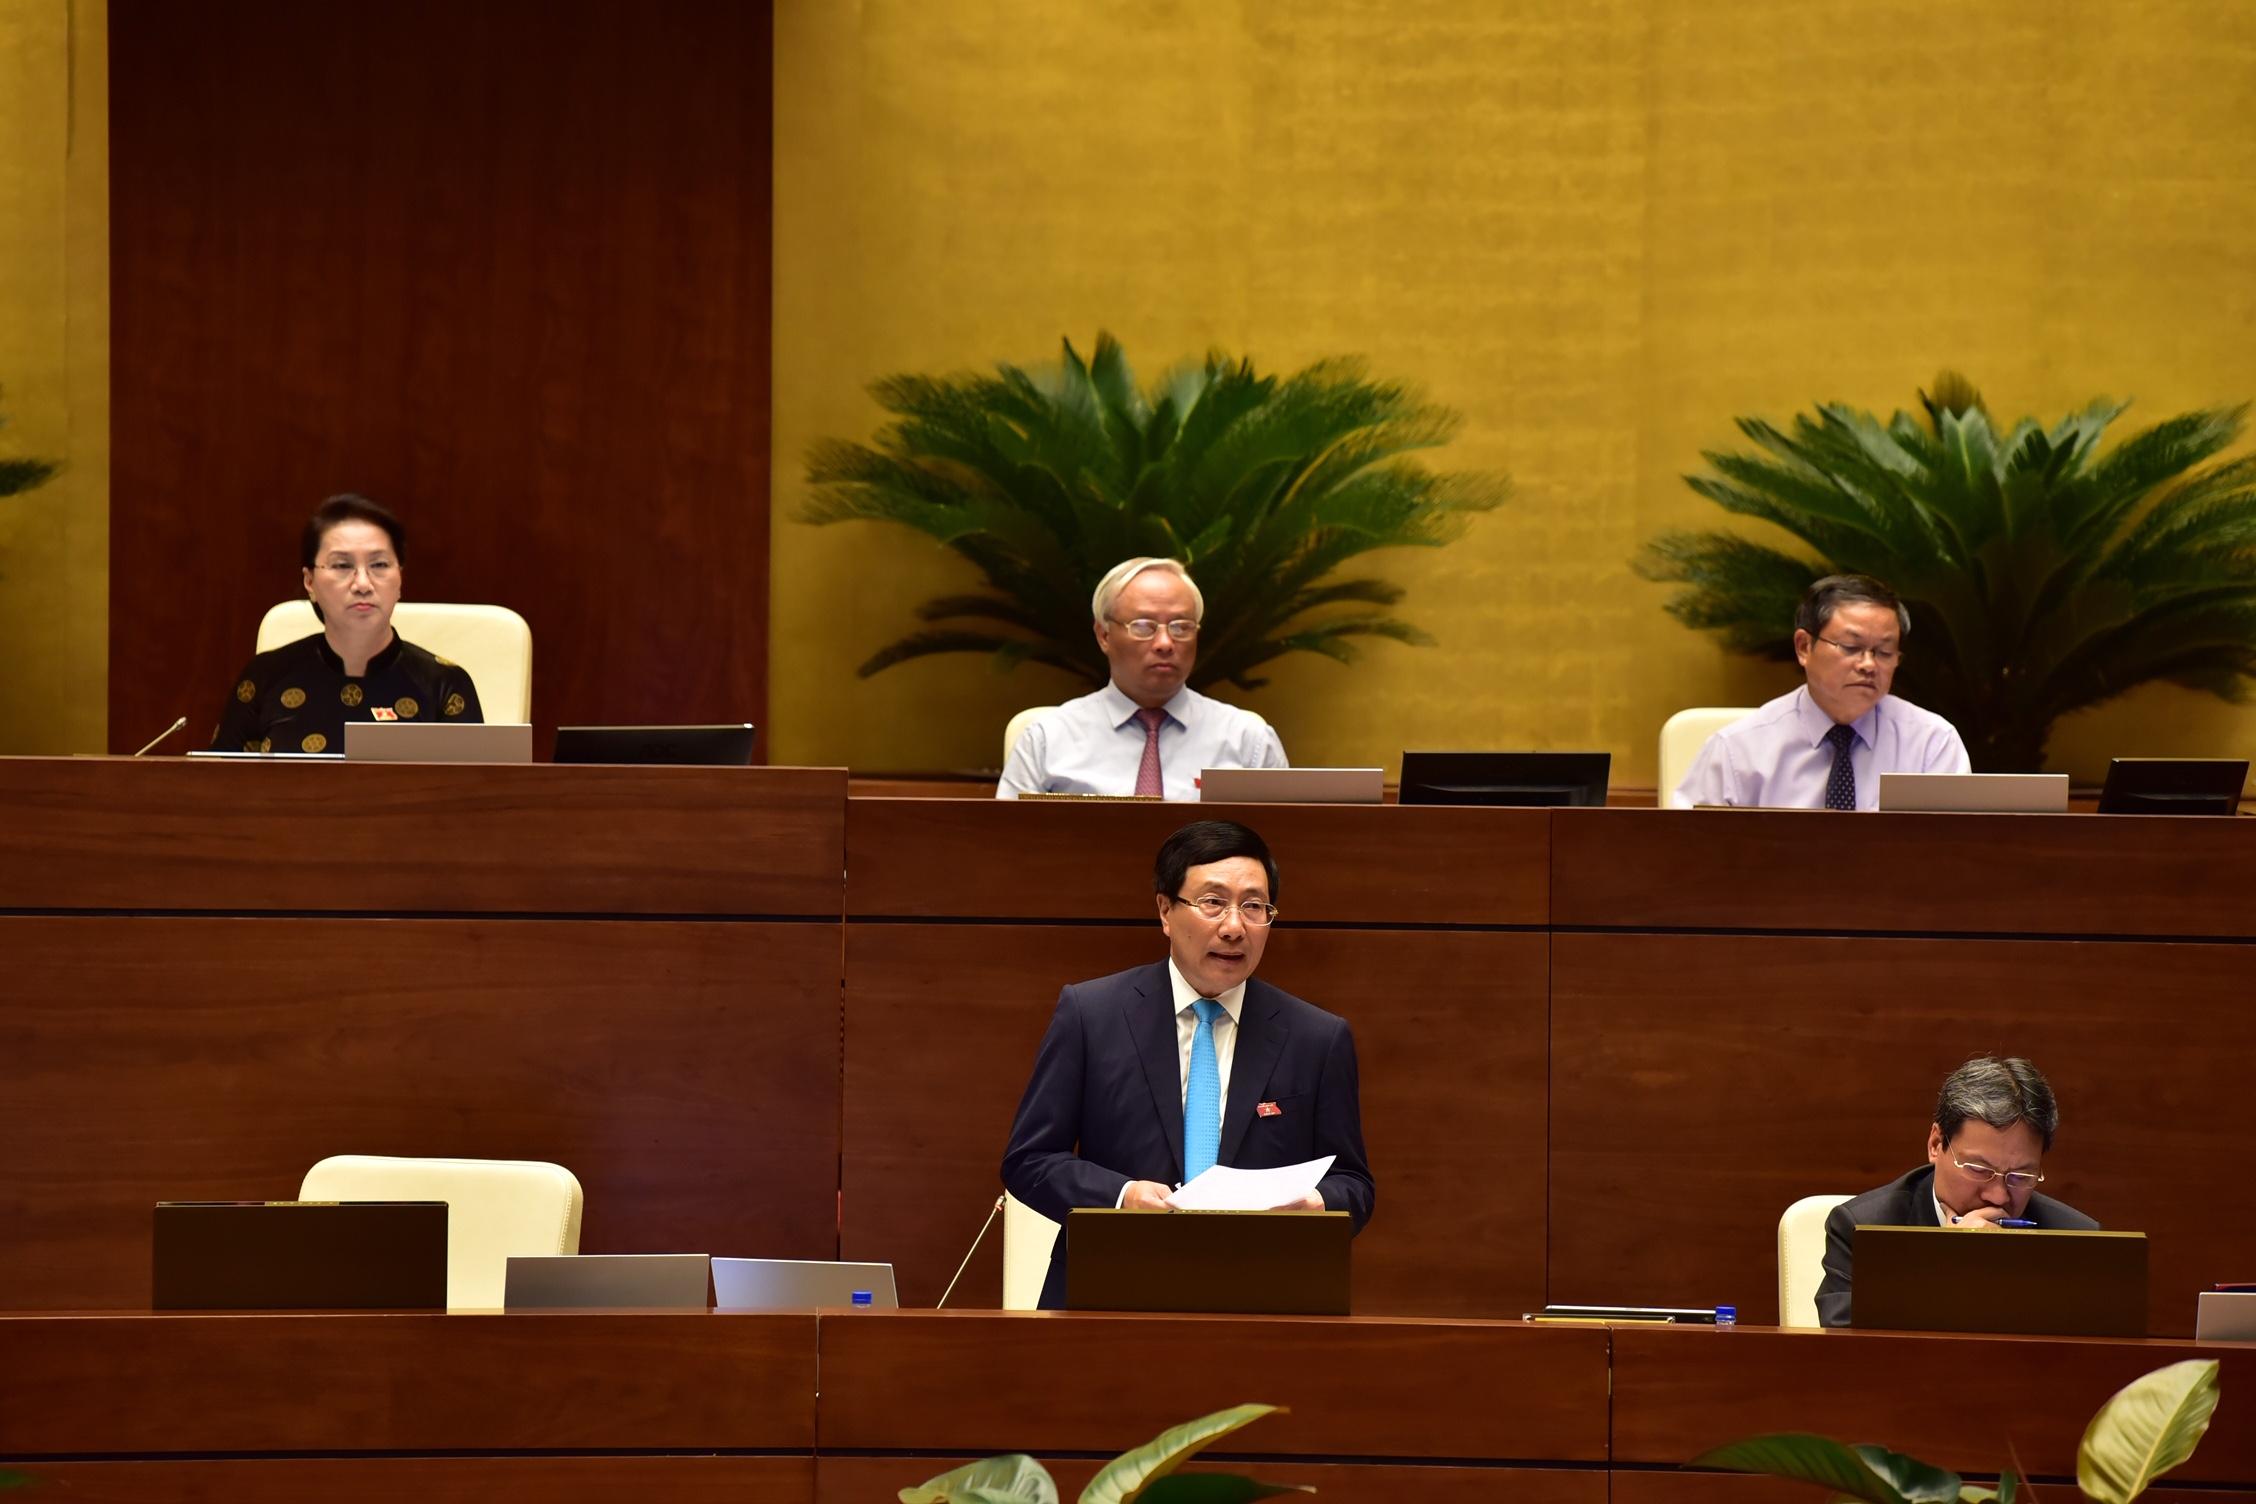 Phó Thủ tướng Chính phủ Phạm Bình Minh khẳng định sẽ ưu tiên nguồn lực hỗ trợ vùng dân tộc thiểu số, miền núi.